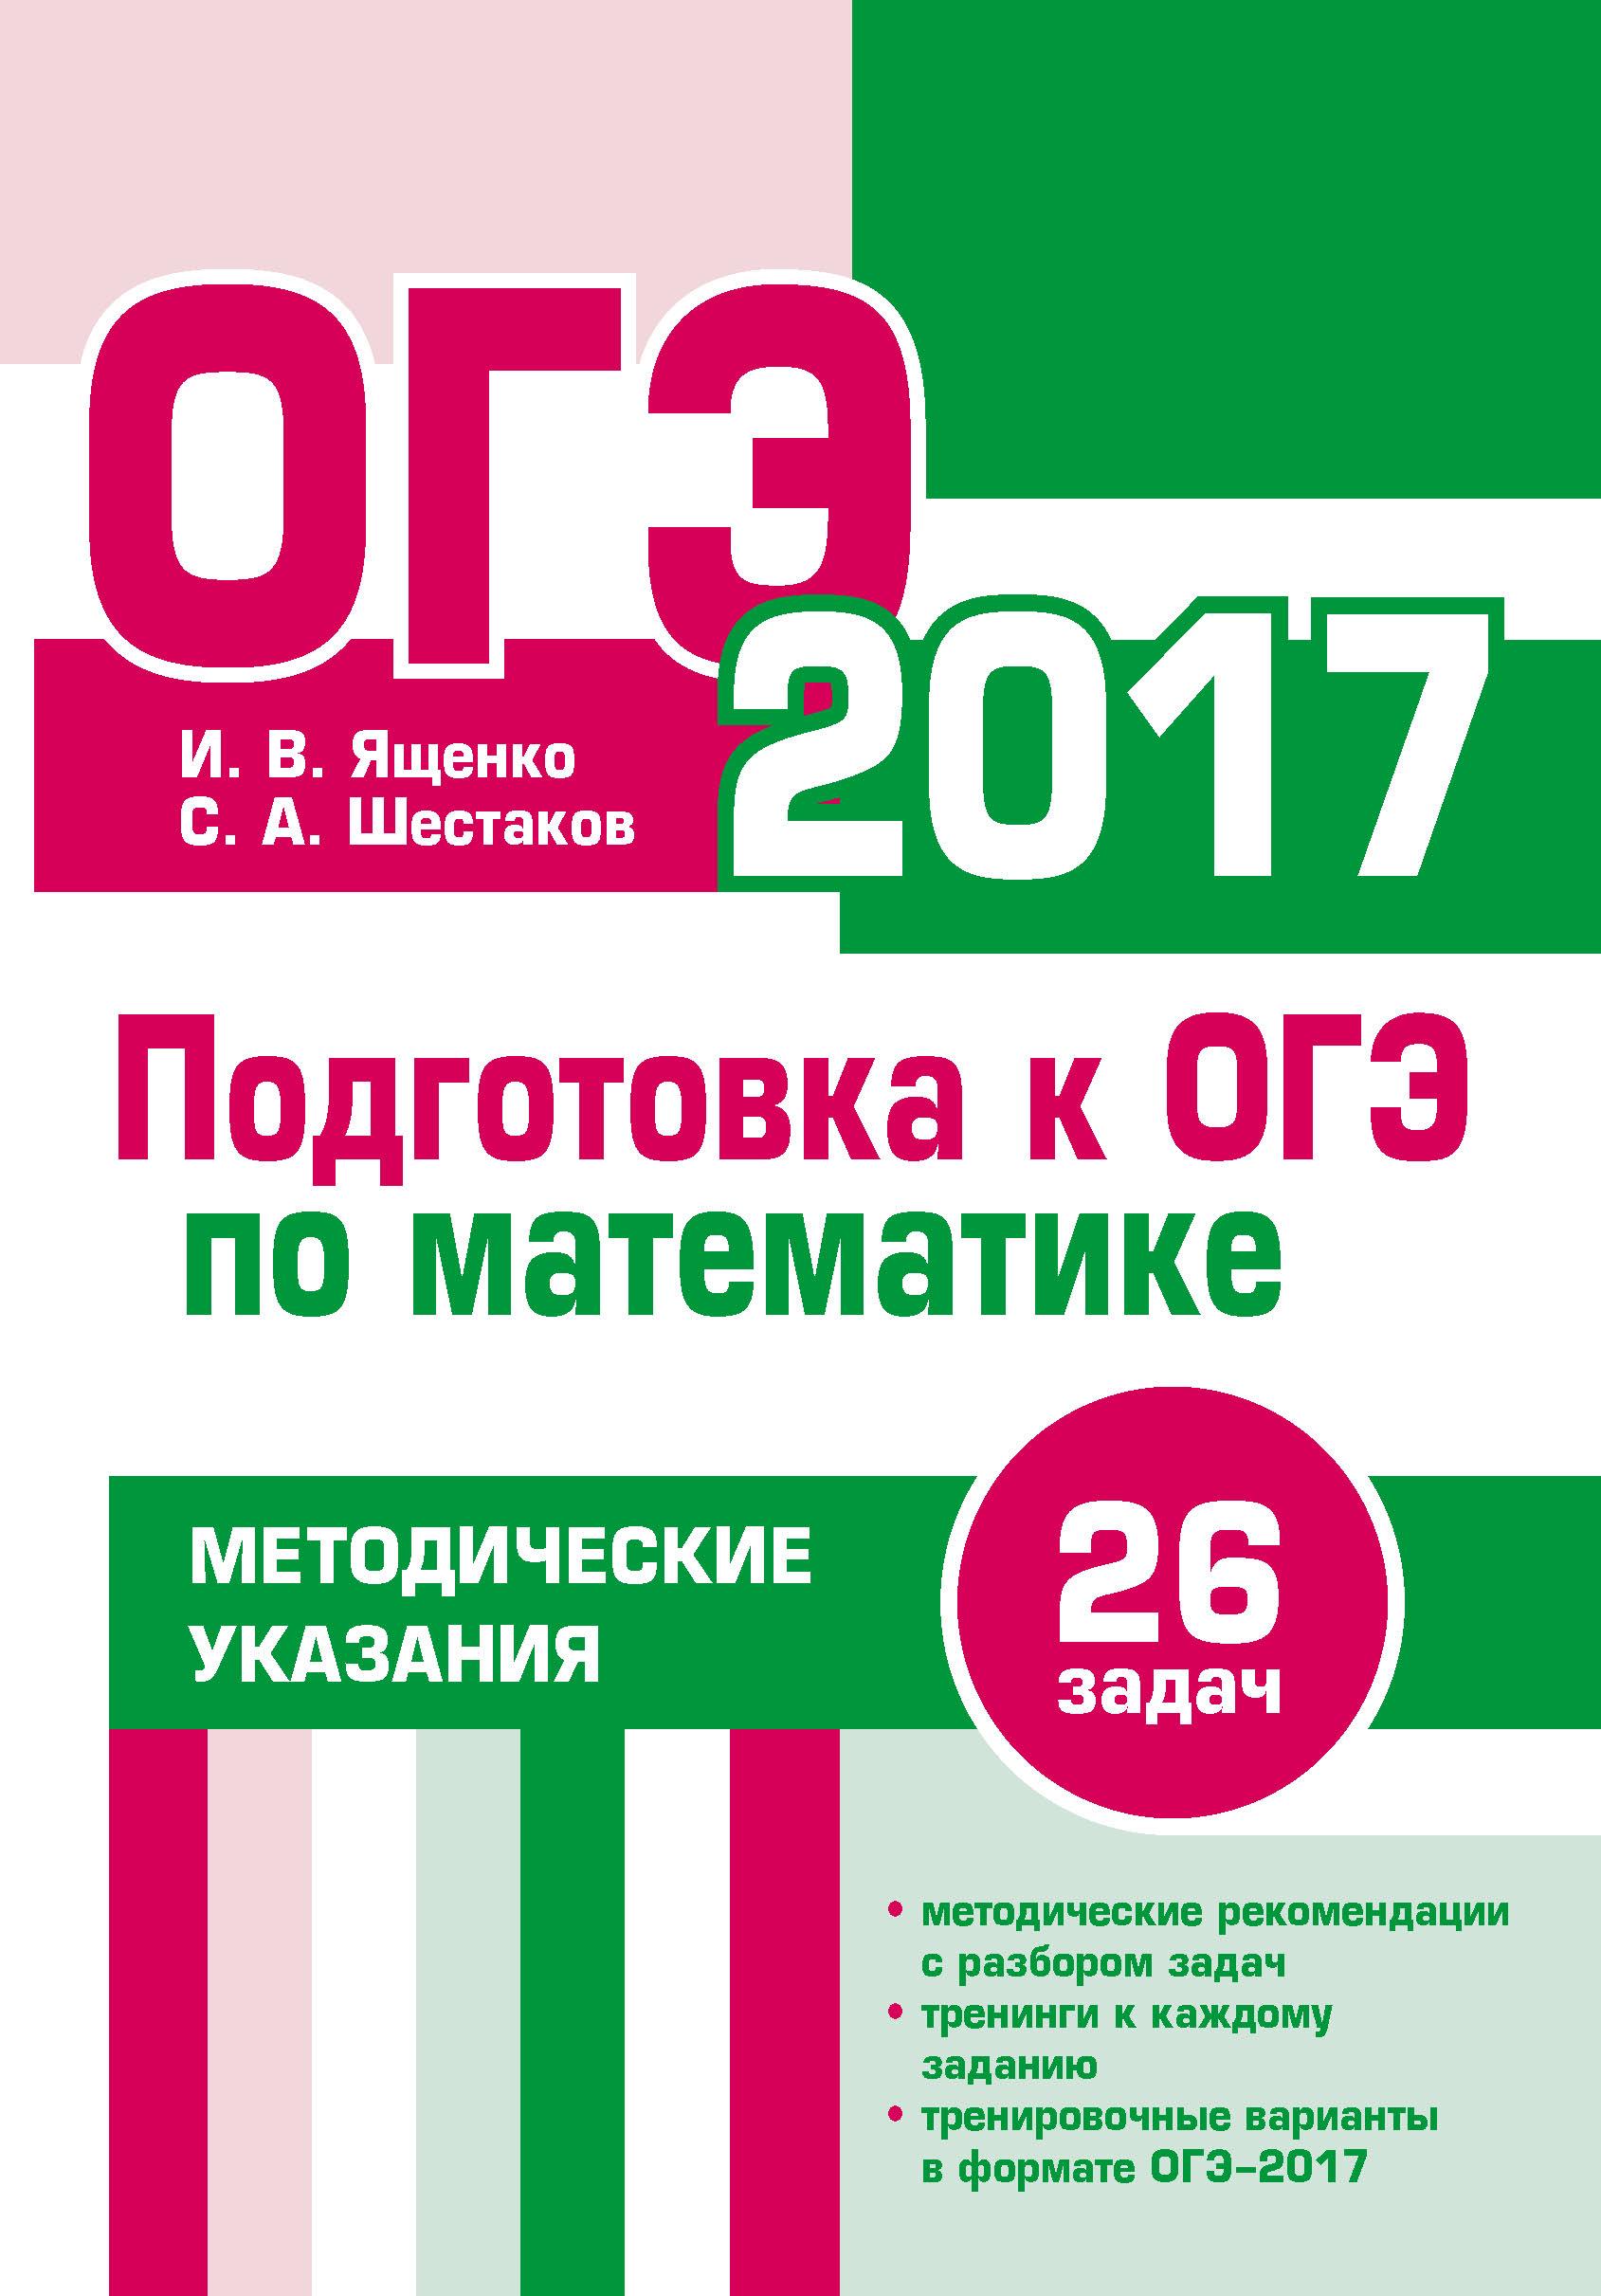 И. В. Ященко Подготовка к ОГЭ по математике в 2017 году. Методические указания